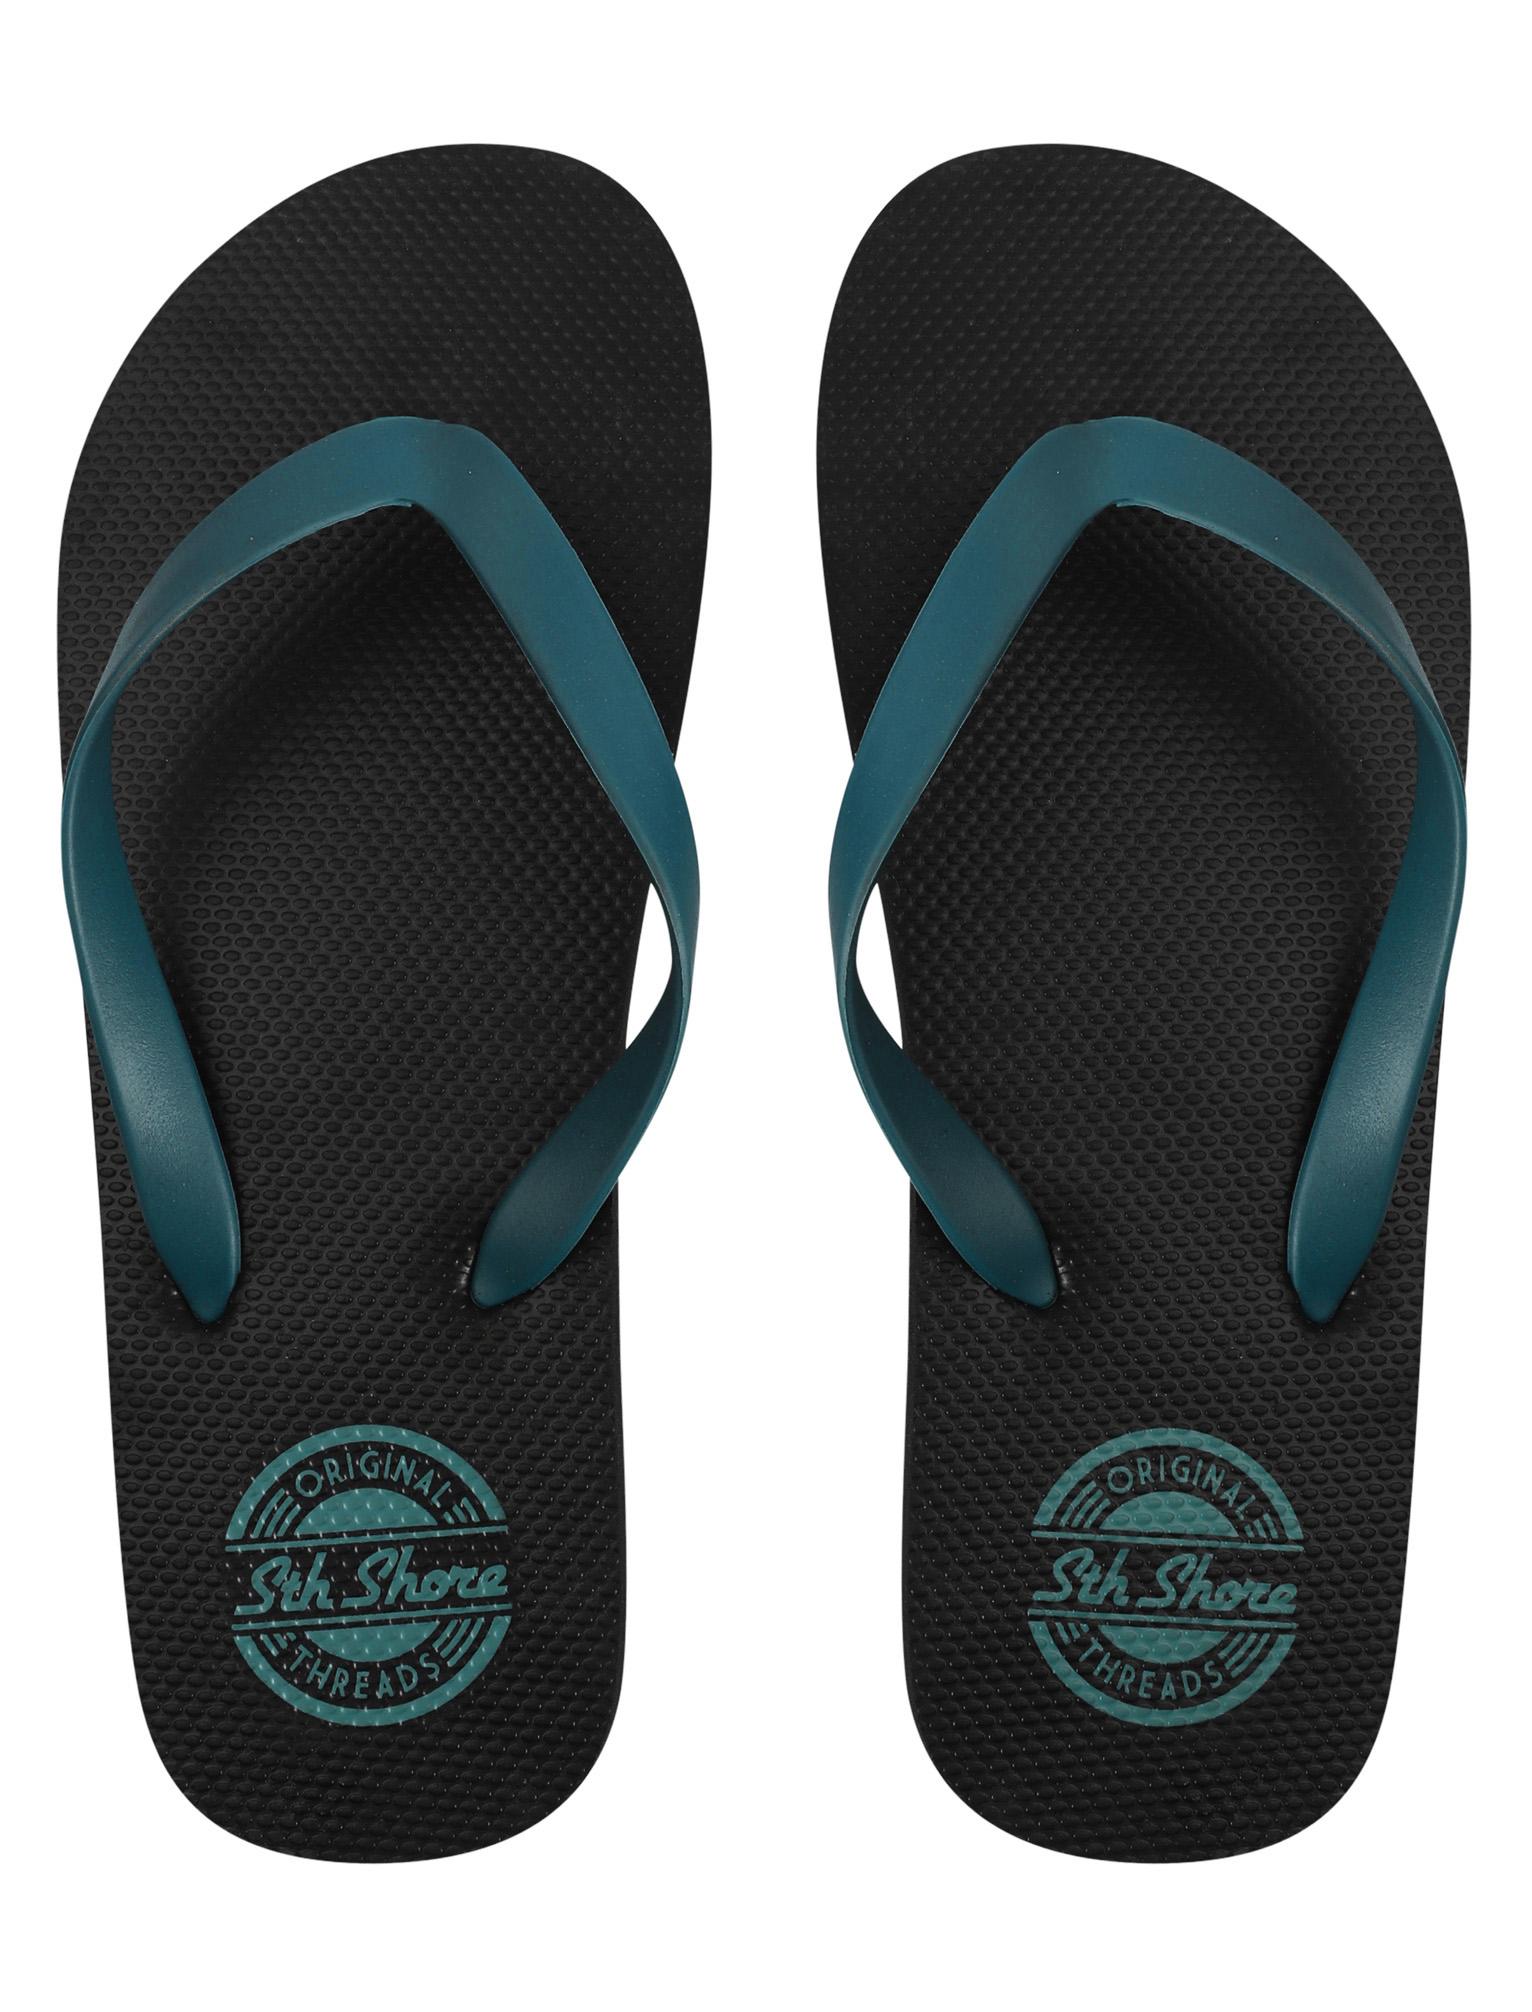 New Mens South Shore Pembroke Contrast Swim Shorts and Flip Flops Set Size S-XXL